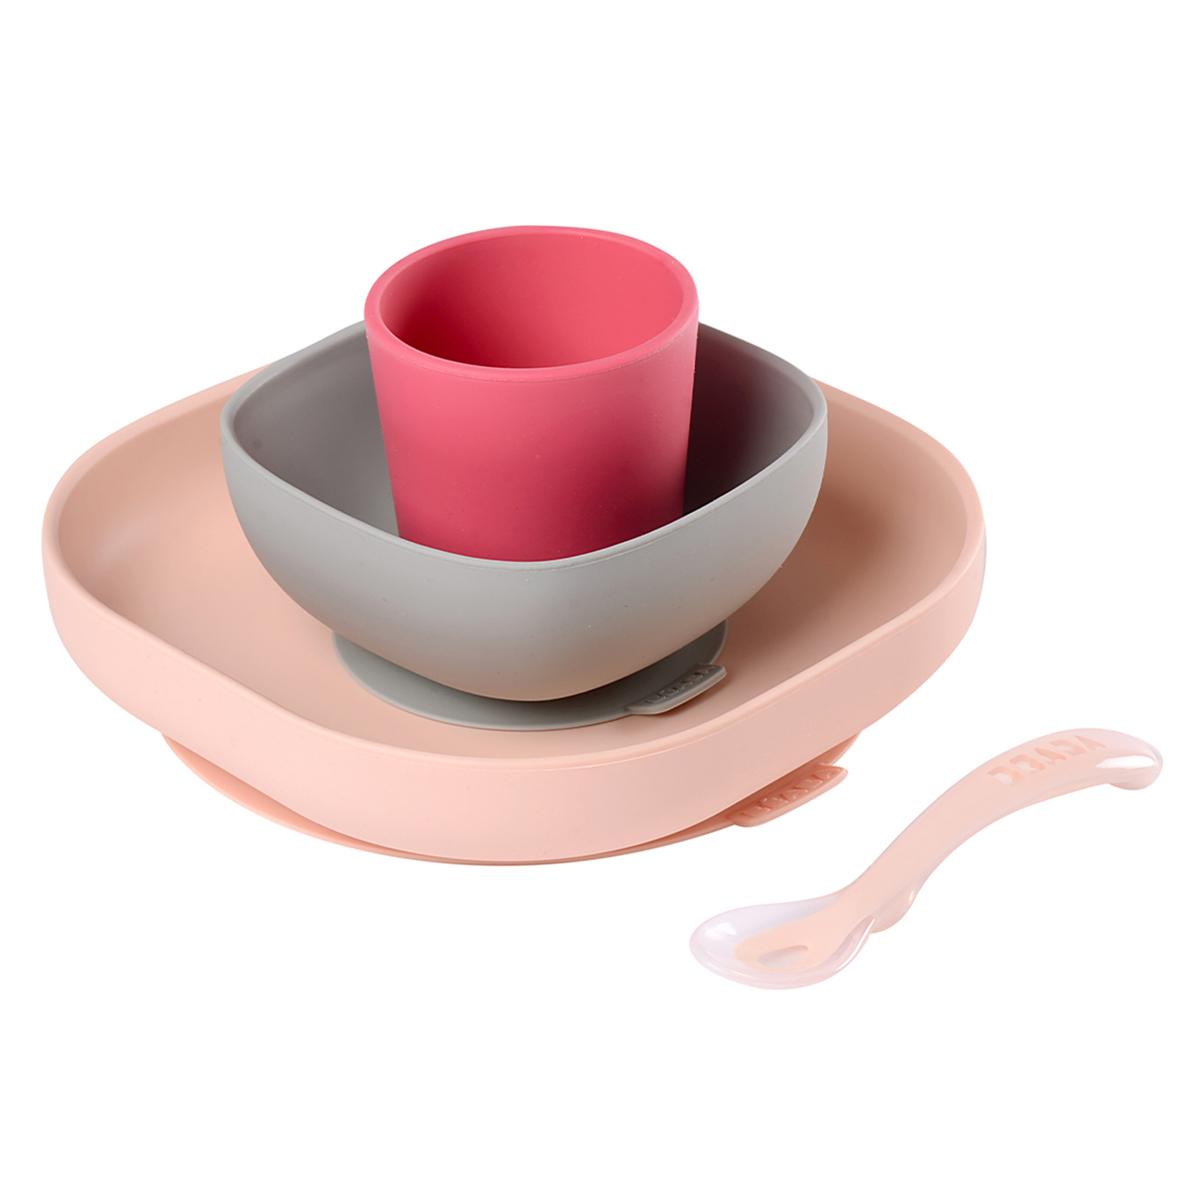 Coffret repas Set de Vaisselle 4 Pièces - Pink BÉABA - AR201806260187